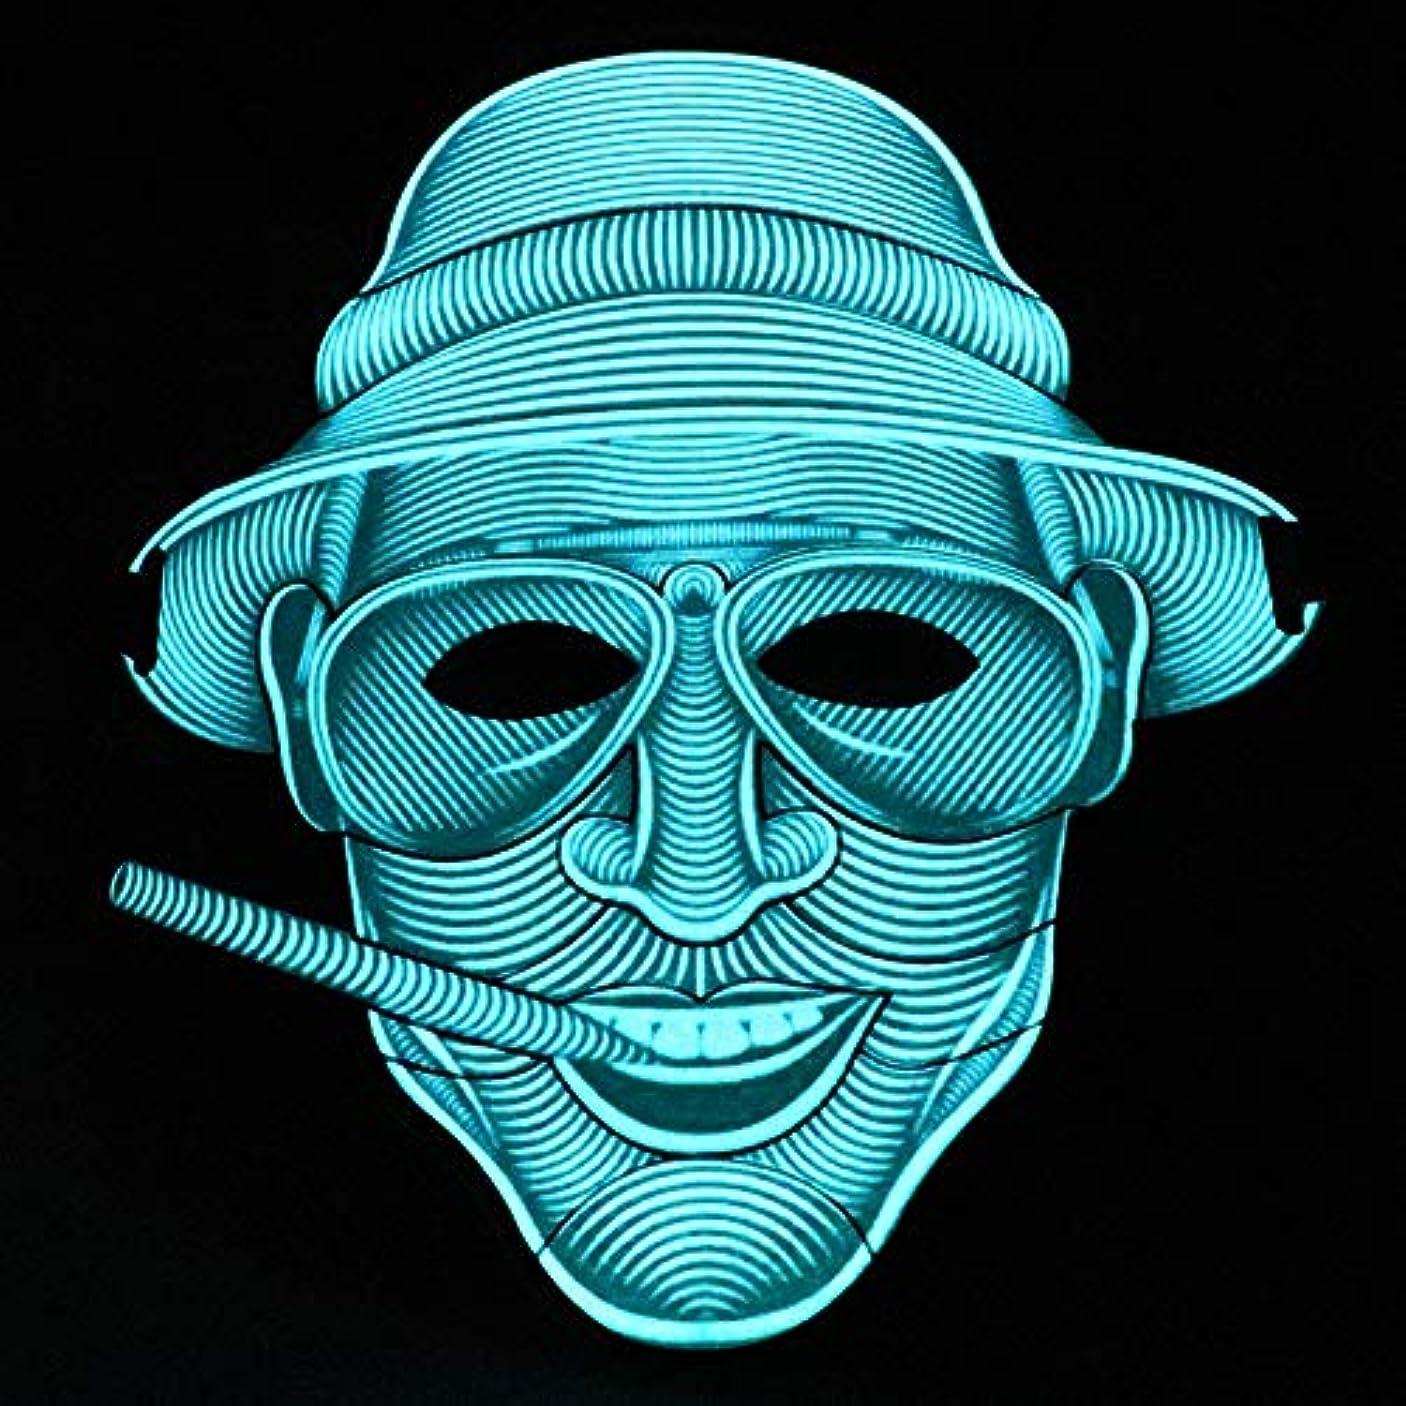 インストール居眠りするロック解除照らされたマスクLED創造的な冷光音響制御マスクハロウィンバーフェスティバルダンスマスク (Color : #1)